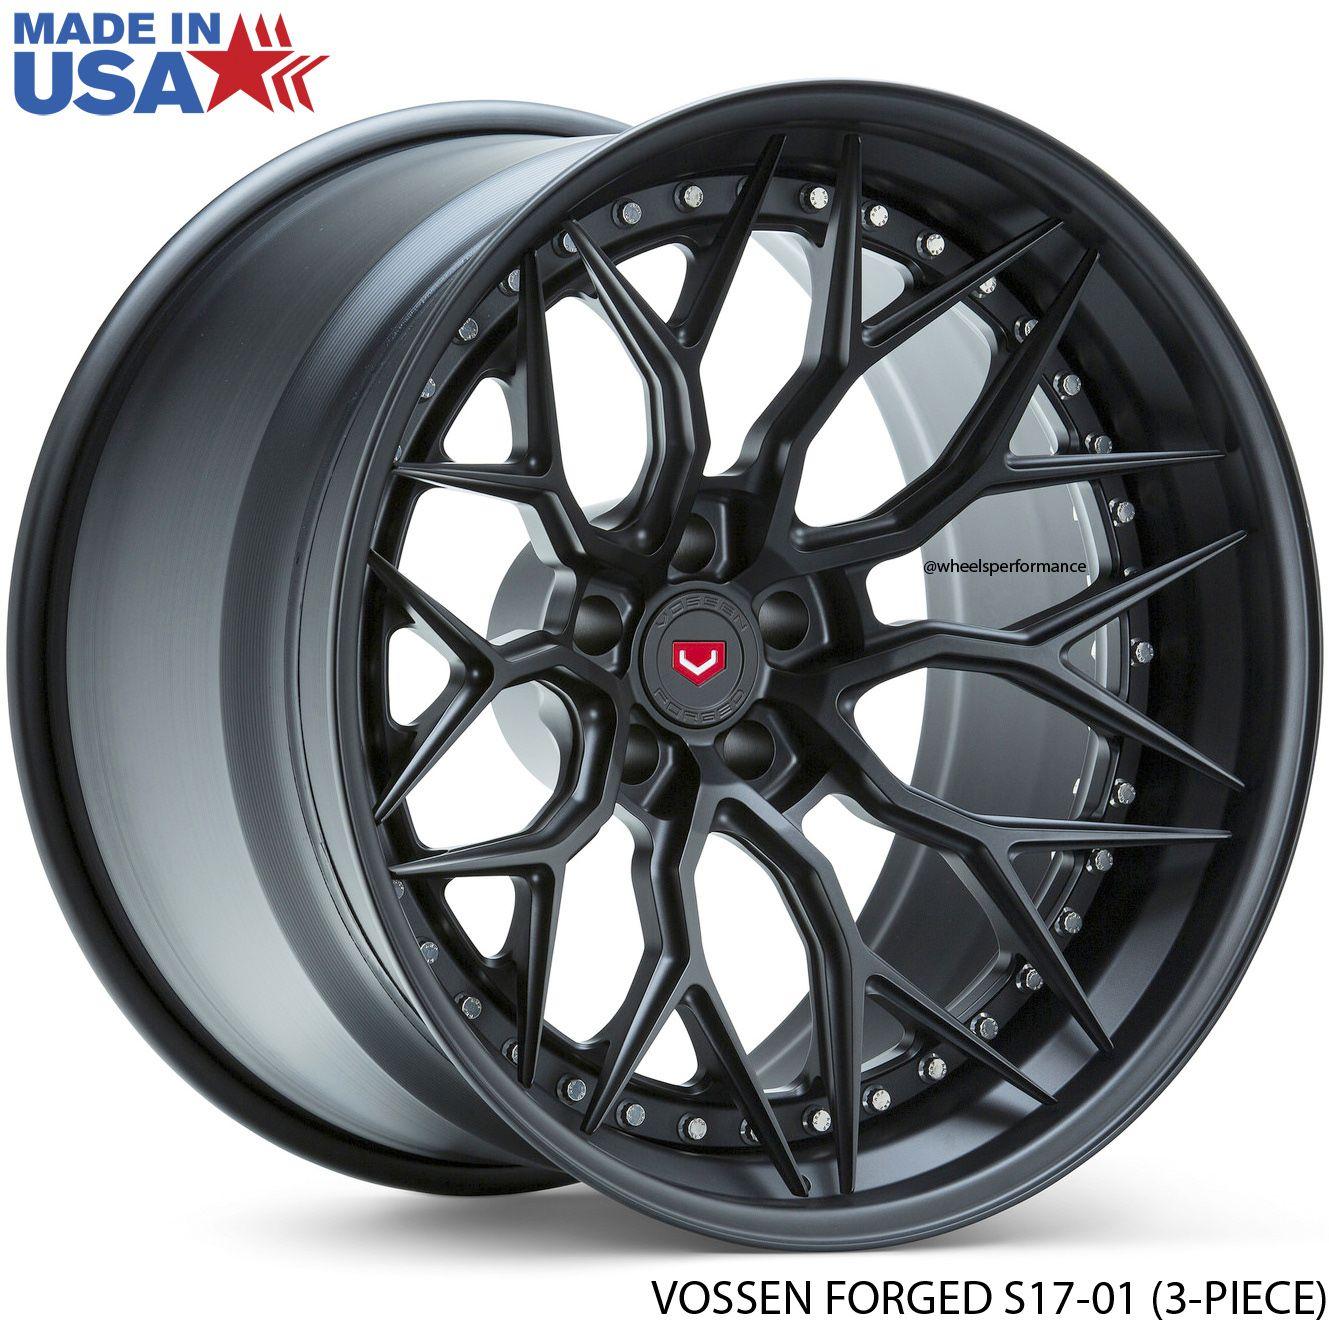 Pin by WheelsPerformance on Vossen Car wheels